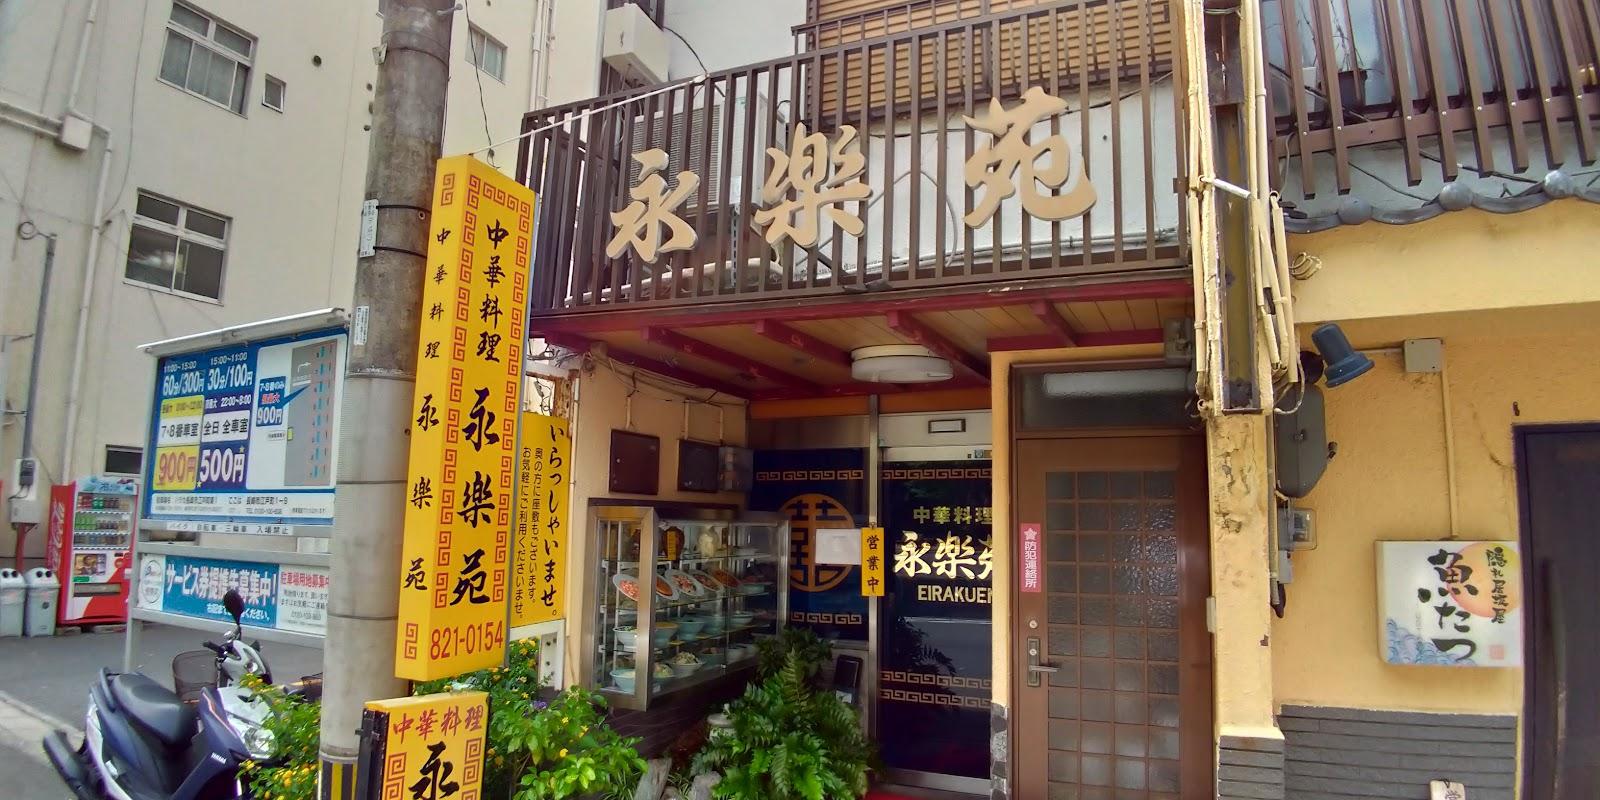 【長崎市グルメ】永楽苑 しいたけ肉そば 外観